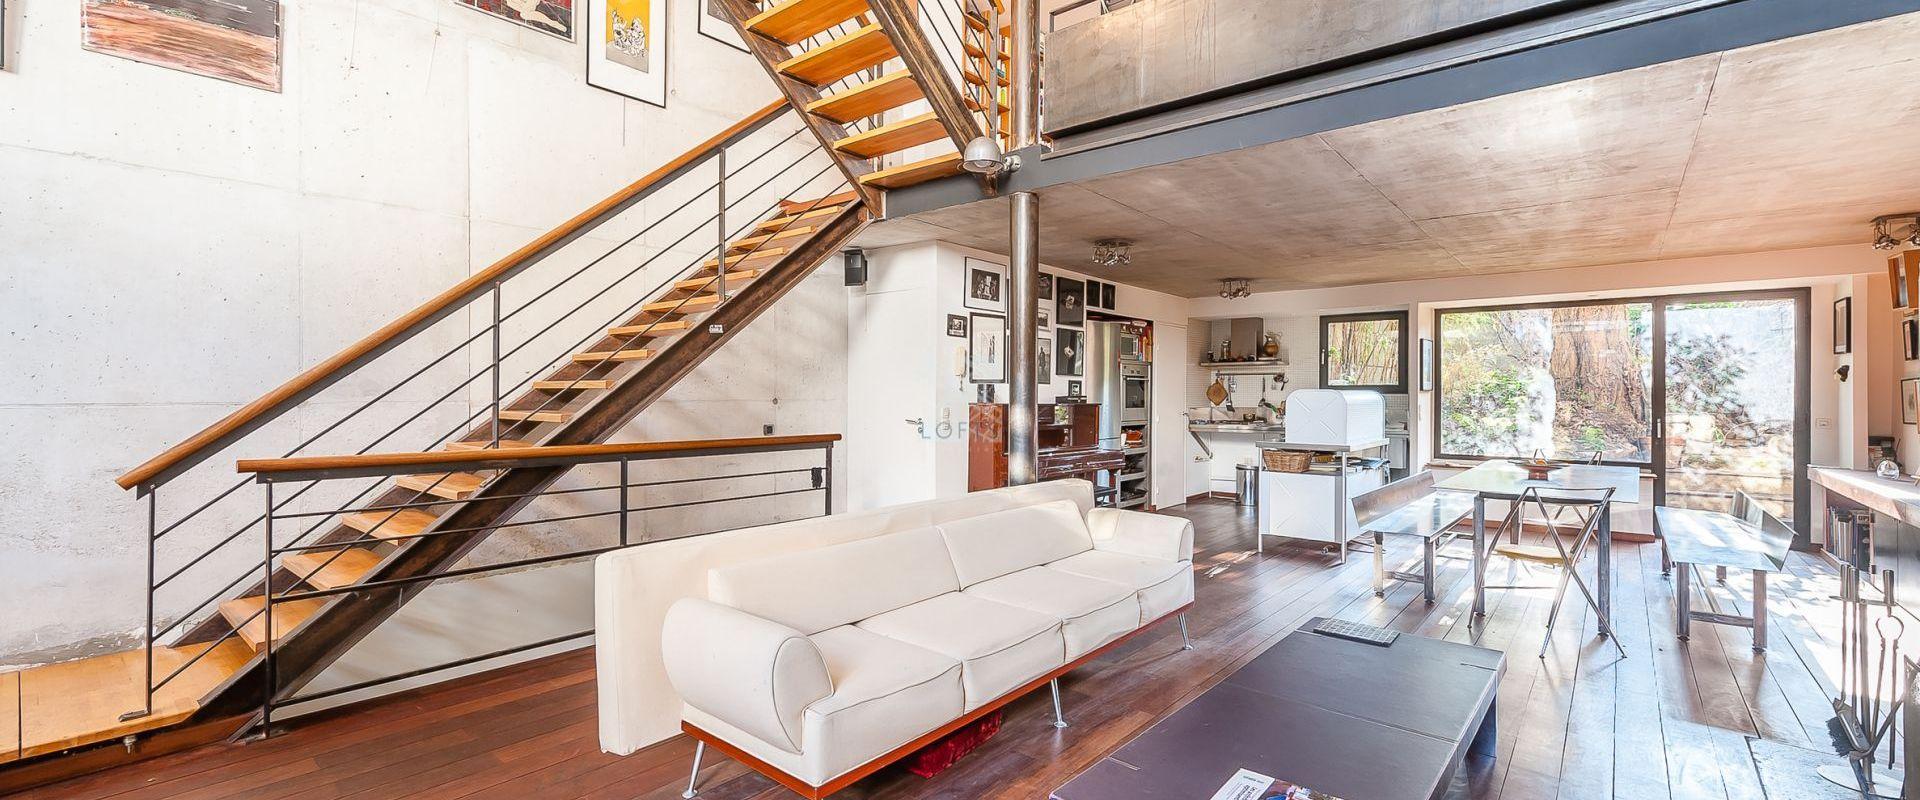 Ateliers lofts associ s agence immobili re paris for Loft atelier a renover paris